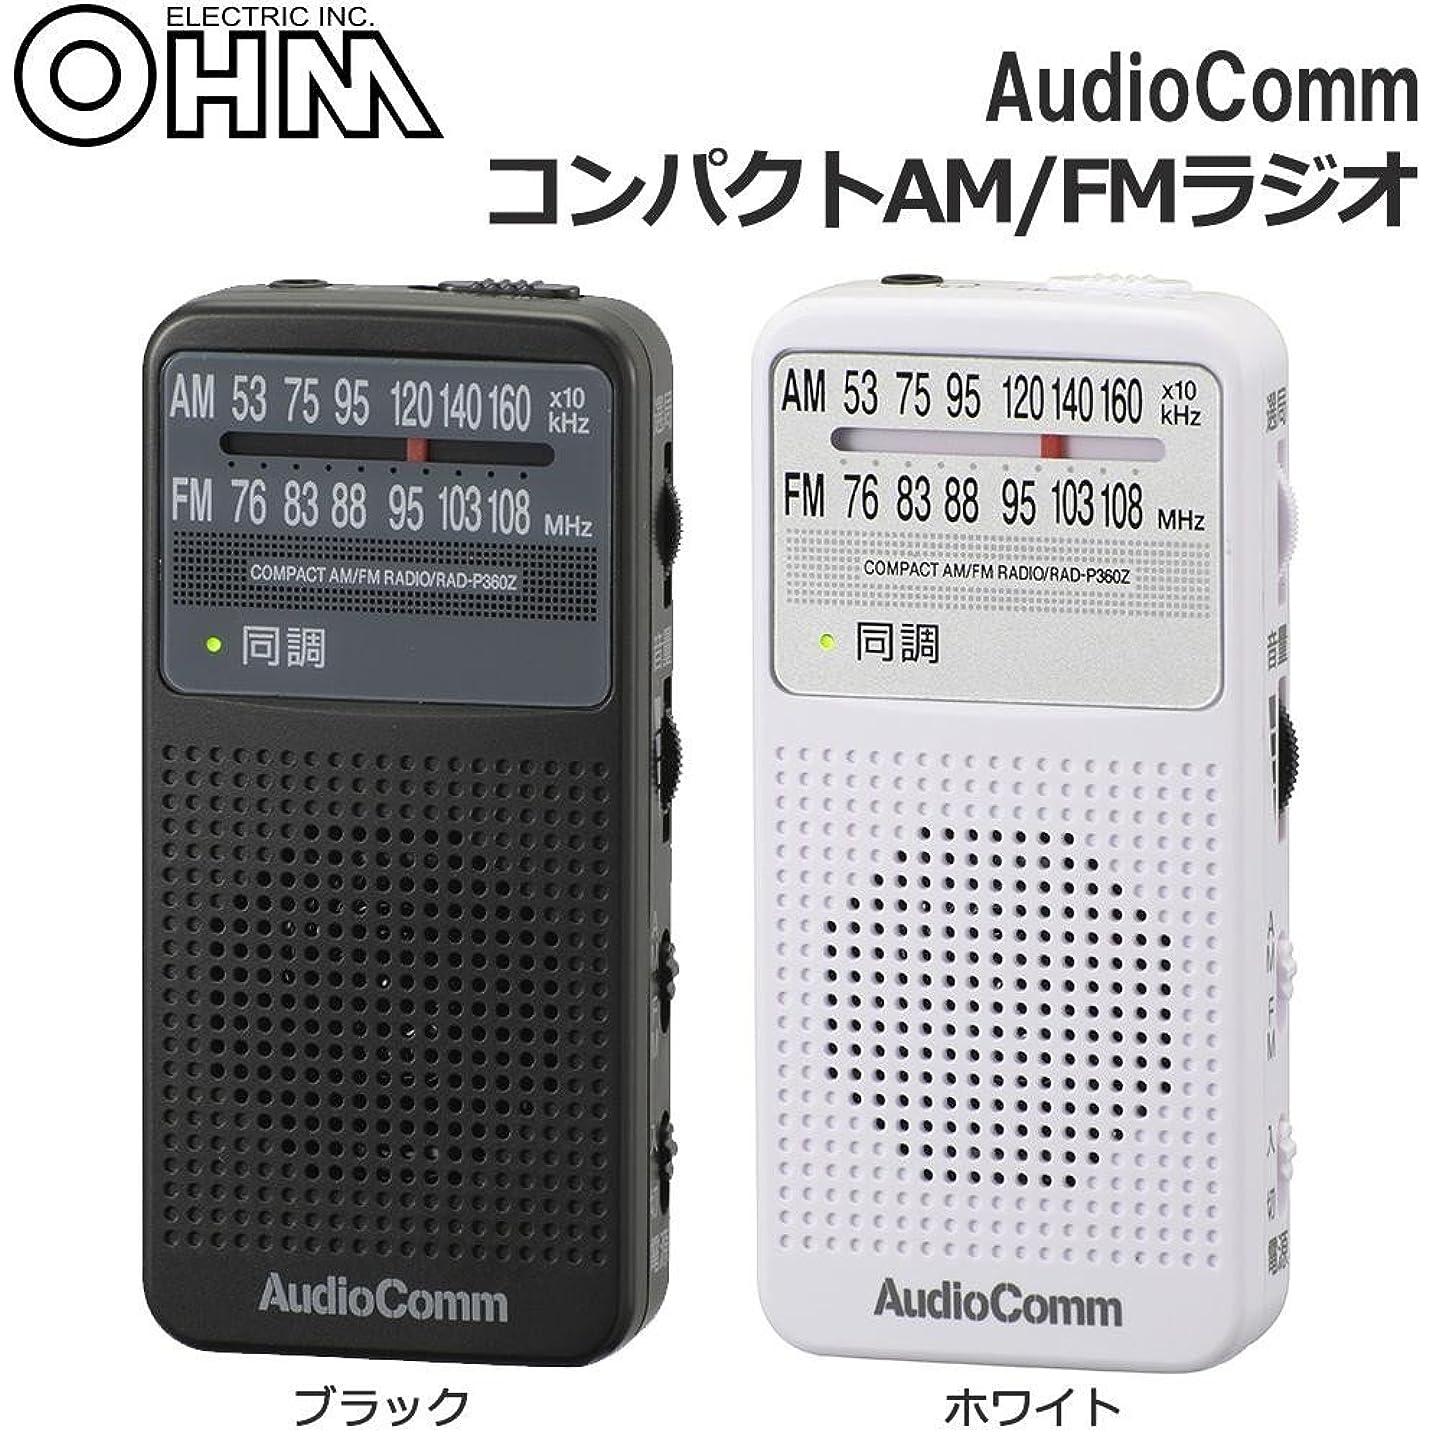 わがままポット昇るオーム電機 OHM AudioComm コンパクトAM/FMラジオ ■2種類の内「ホワイト?RAD-P360Z-W」を1点のみです